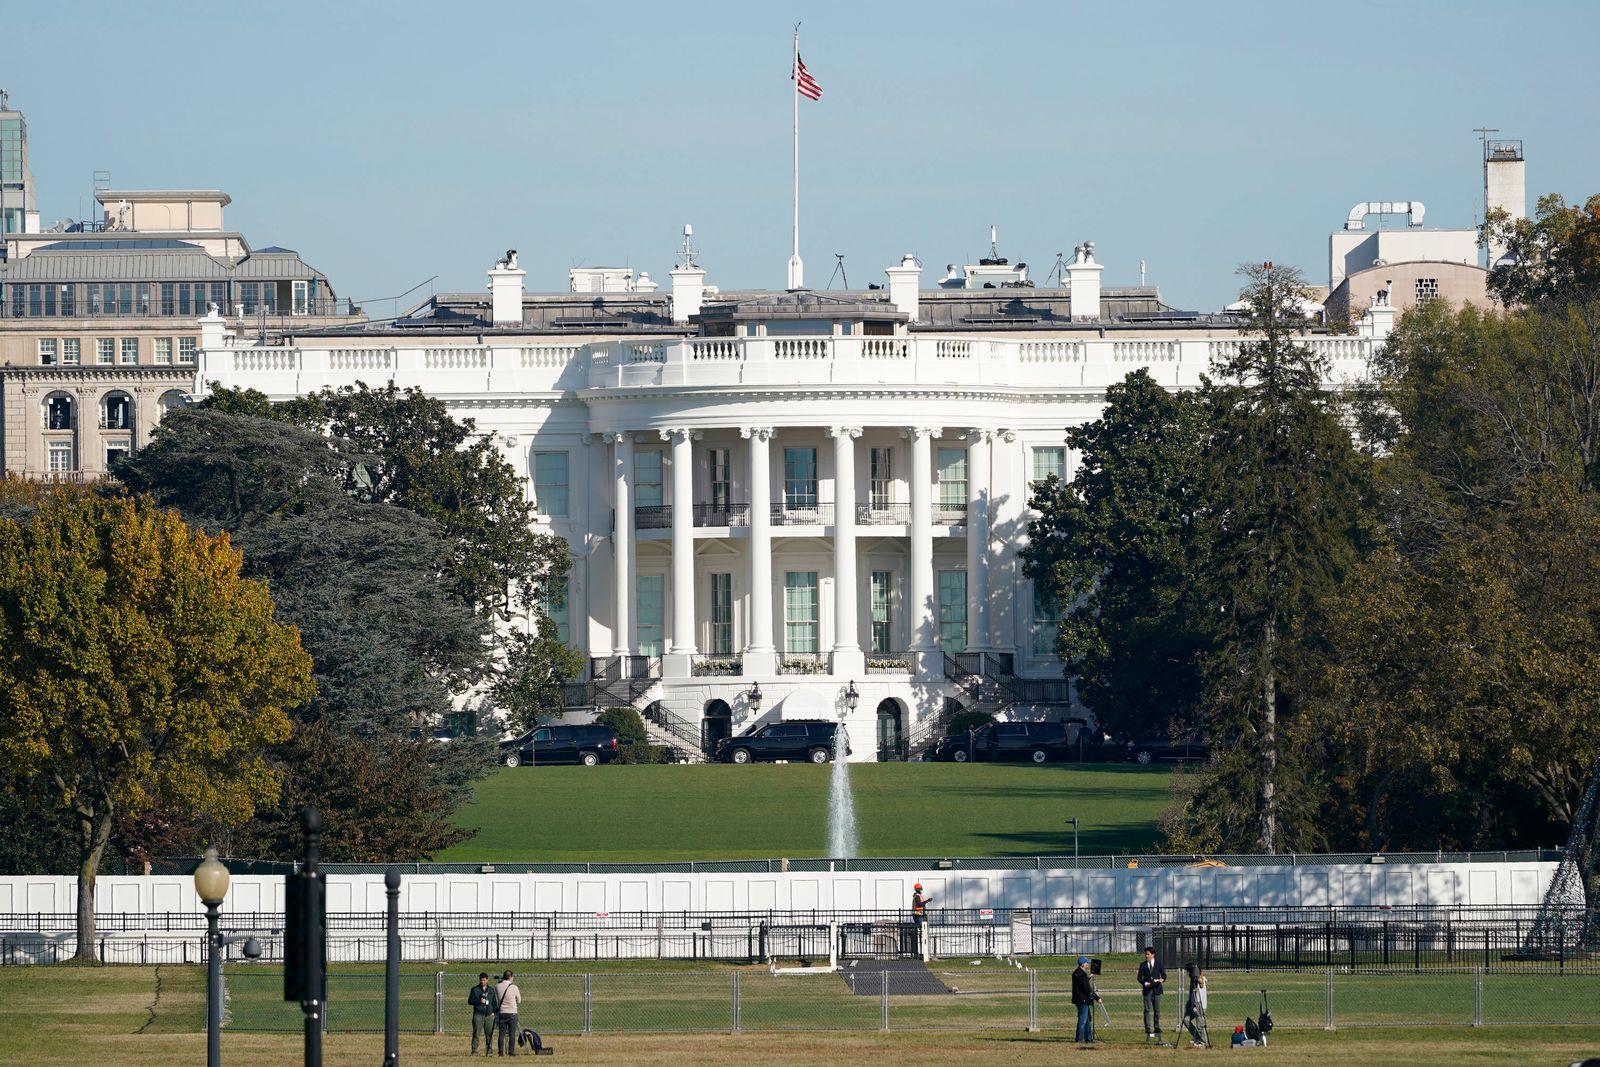 Präsidentschaftswahlen in den USA - Weißes Haus